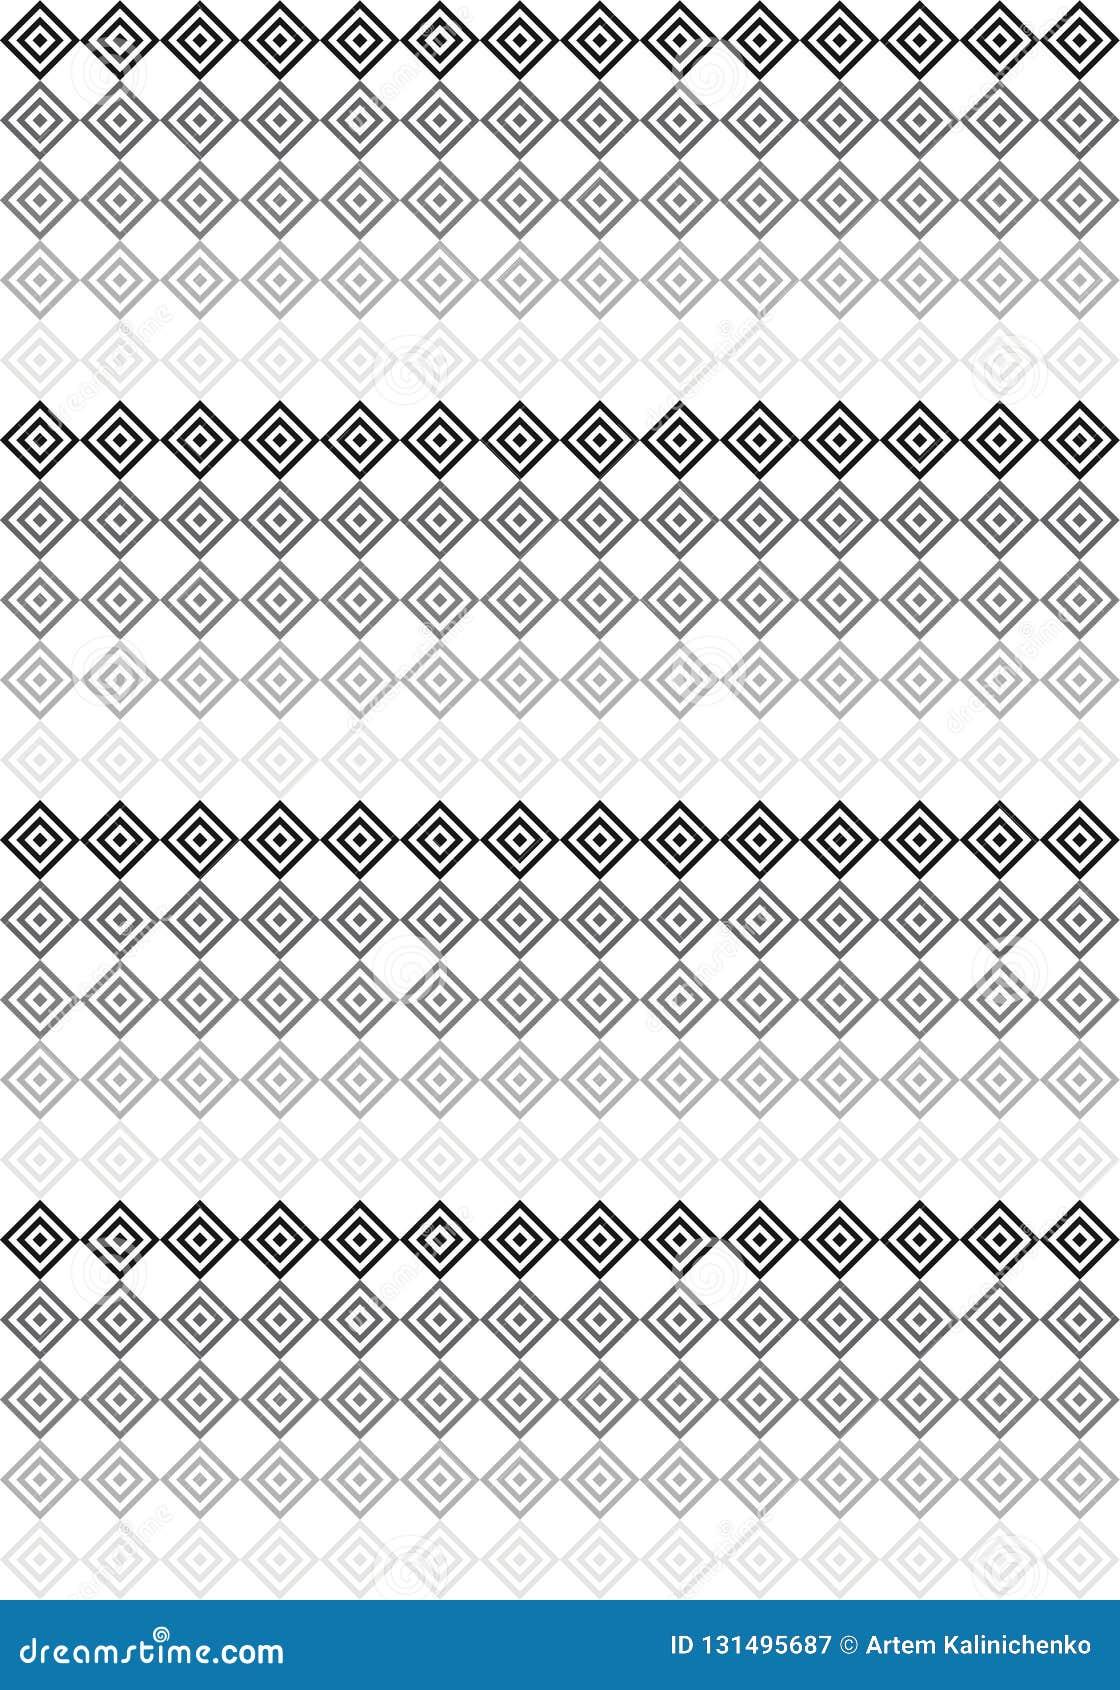 Modelo de las casillas blancas negras y